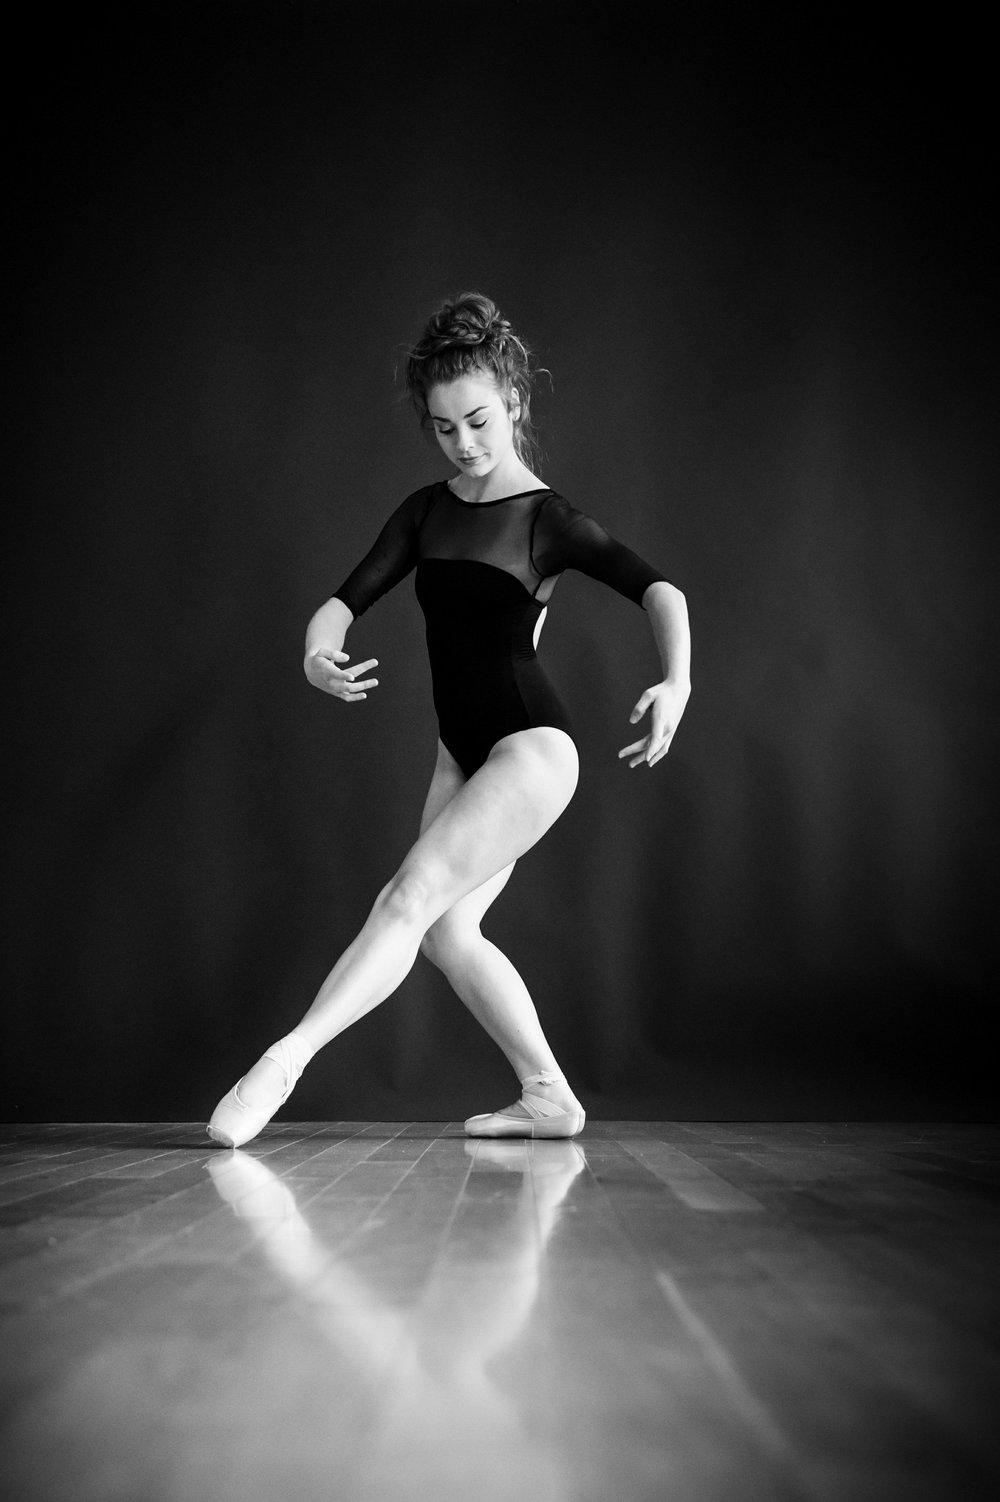 nEO_IMG_Marissa Dance-29-BW.jpg